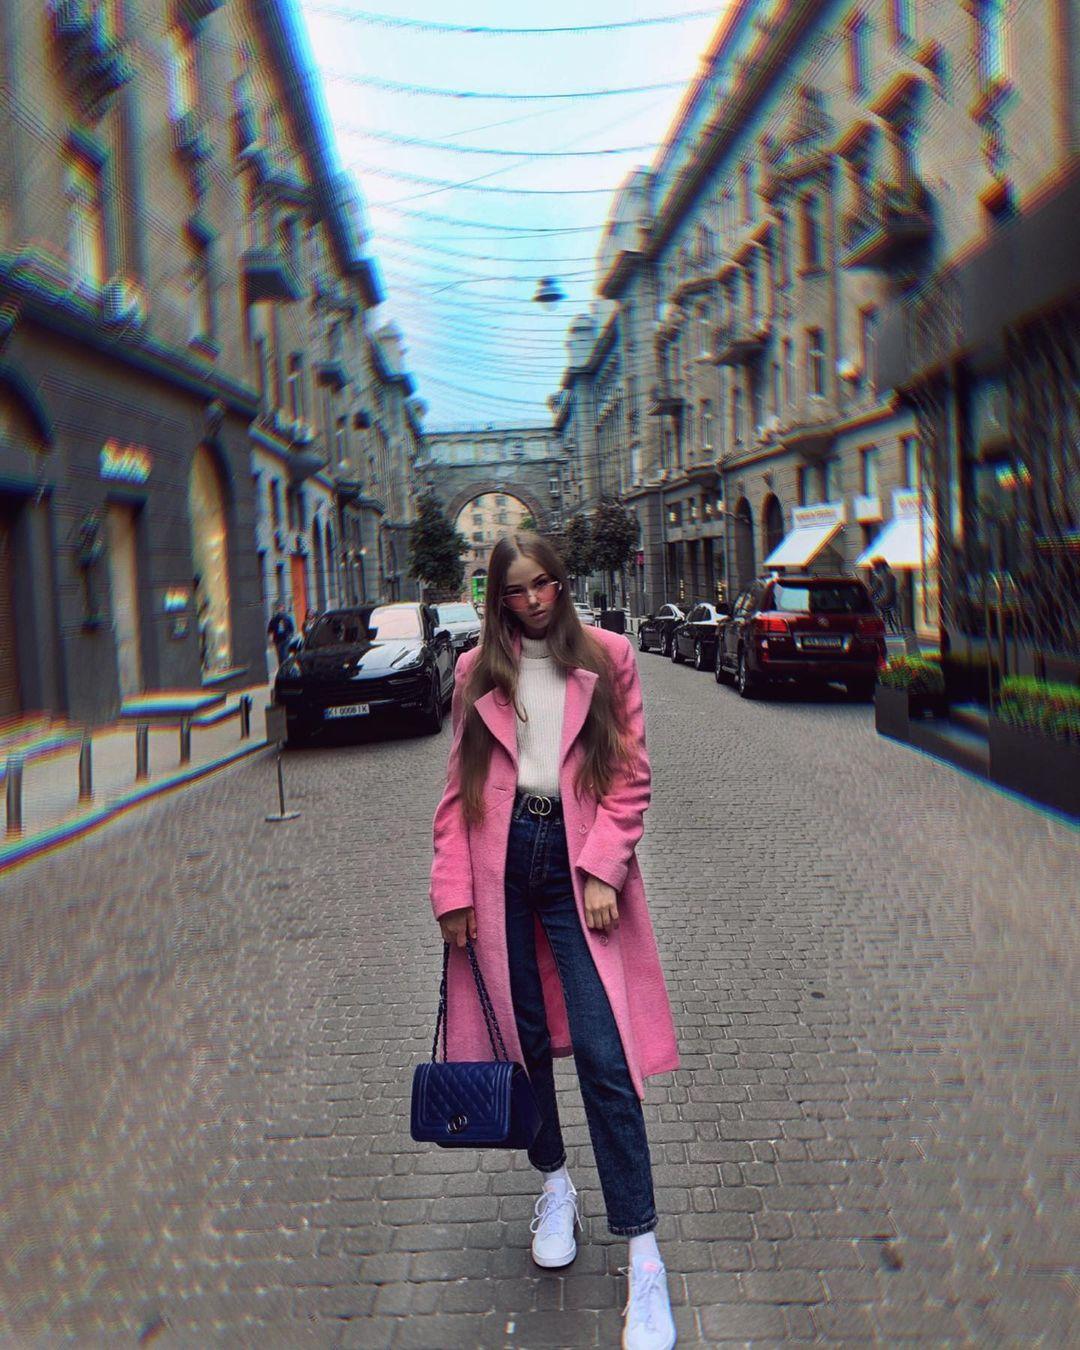 Kkriissstinaa-Wallpapers-Insta-Fit-Bio-Kristina-Kuzmenko-Wallpapers-Insta-Fit-Bio-7